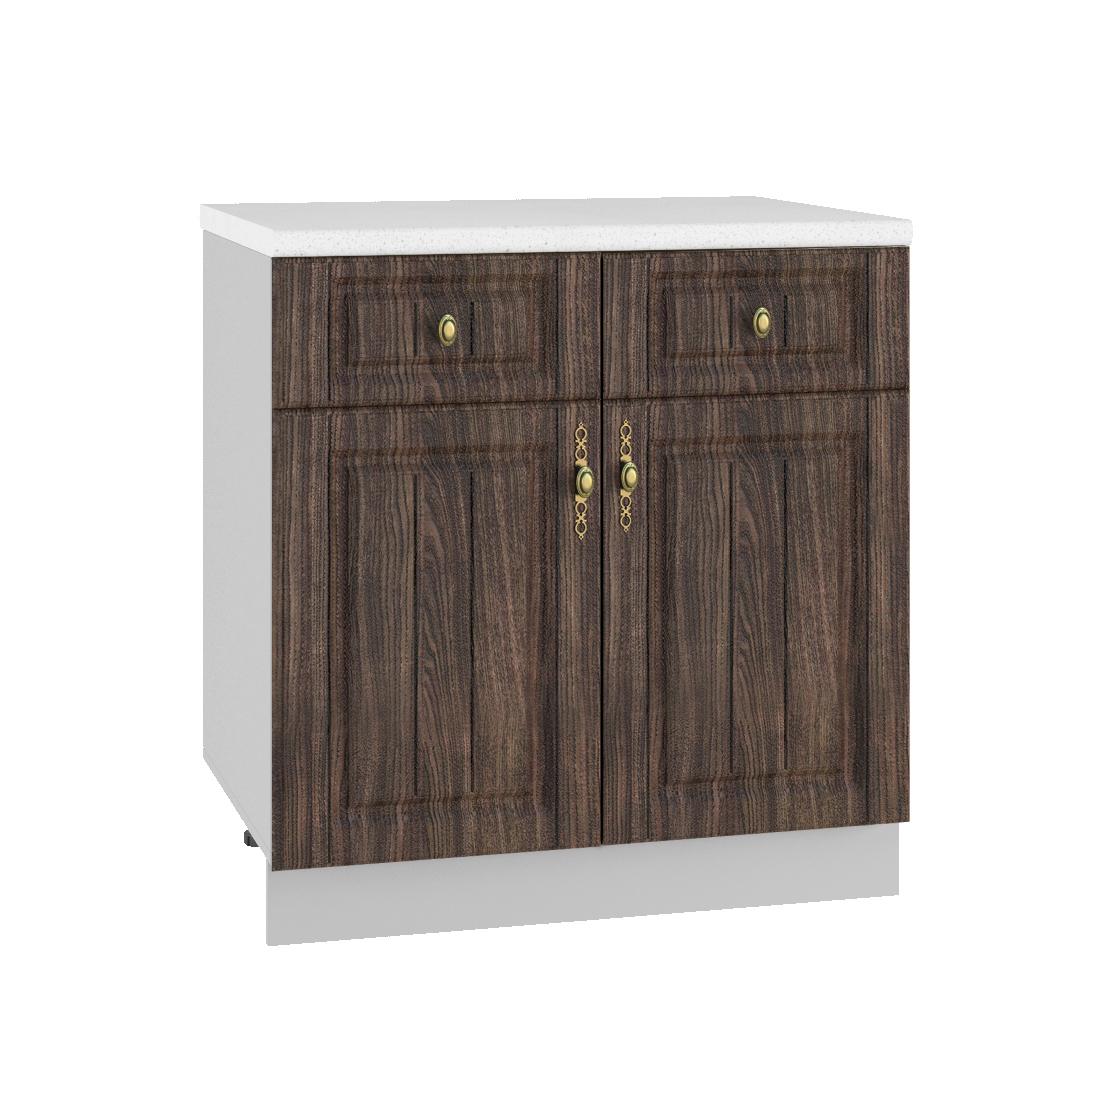 Кухня Империя С2Я 800 Шкаф нижний /2 ящика